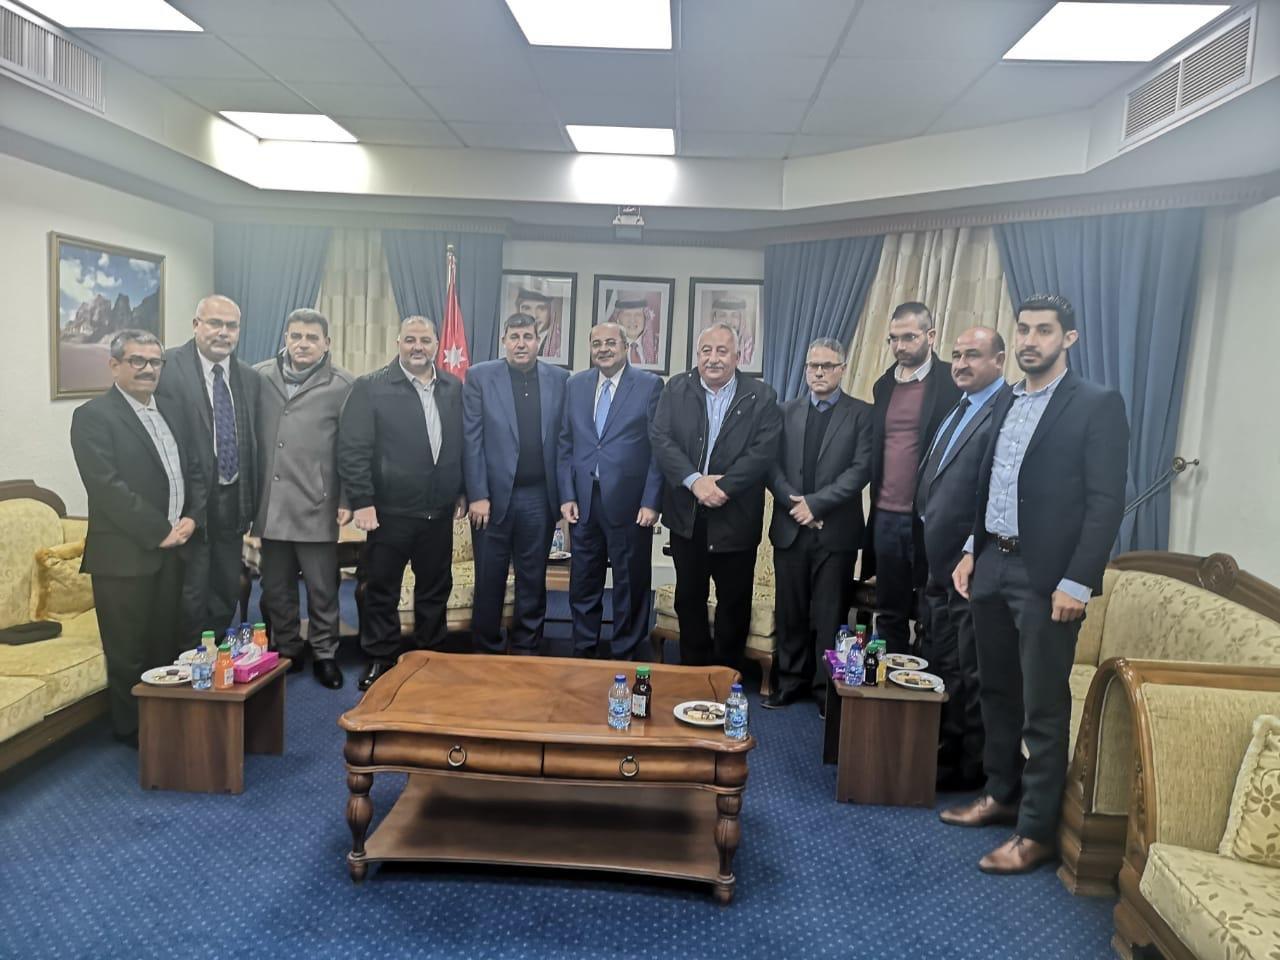 نواب لجنة القدس في المشتركة يطرحون قضايا الداخل والقدس خلال اجتماعهم بالبرلمان الأردني-6